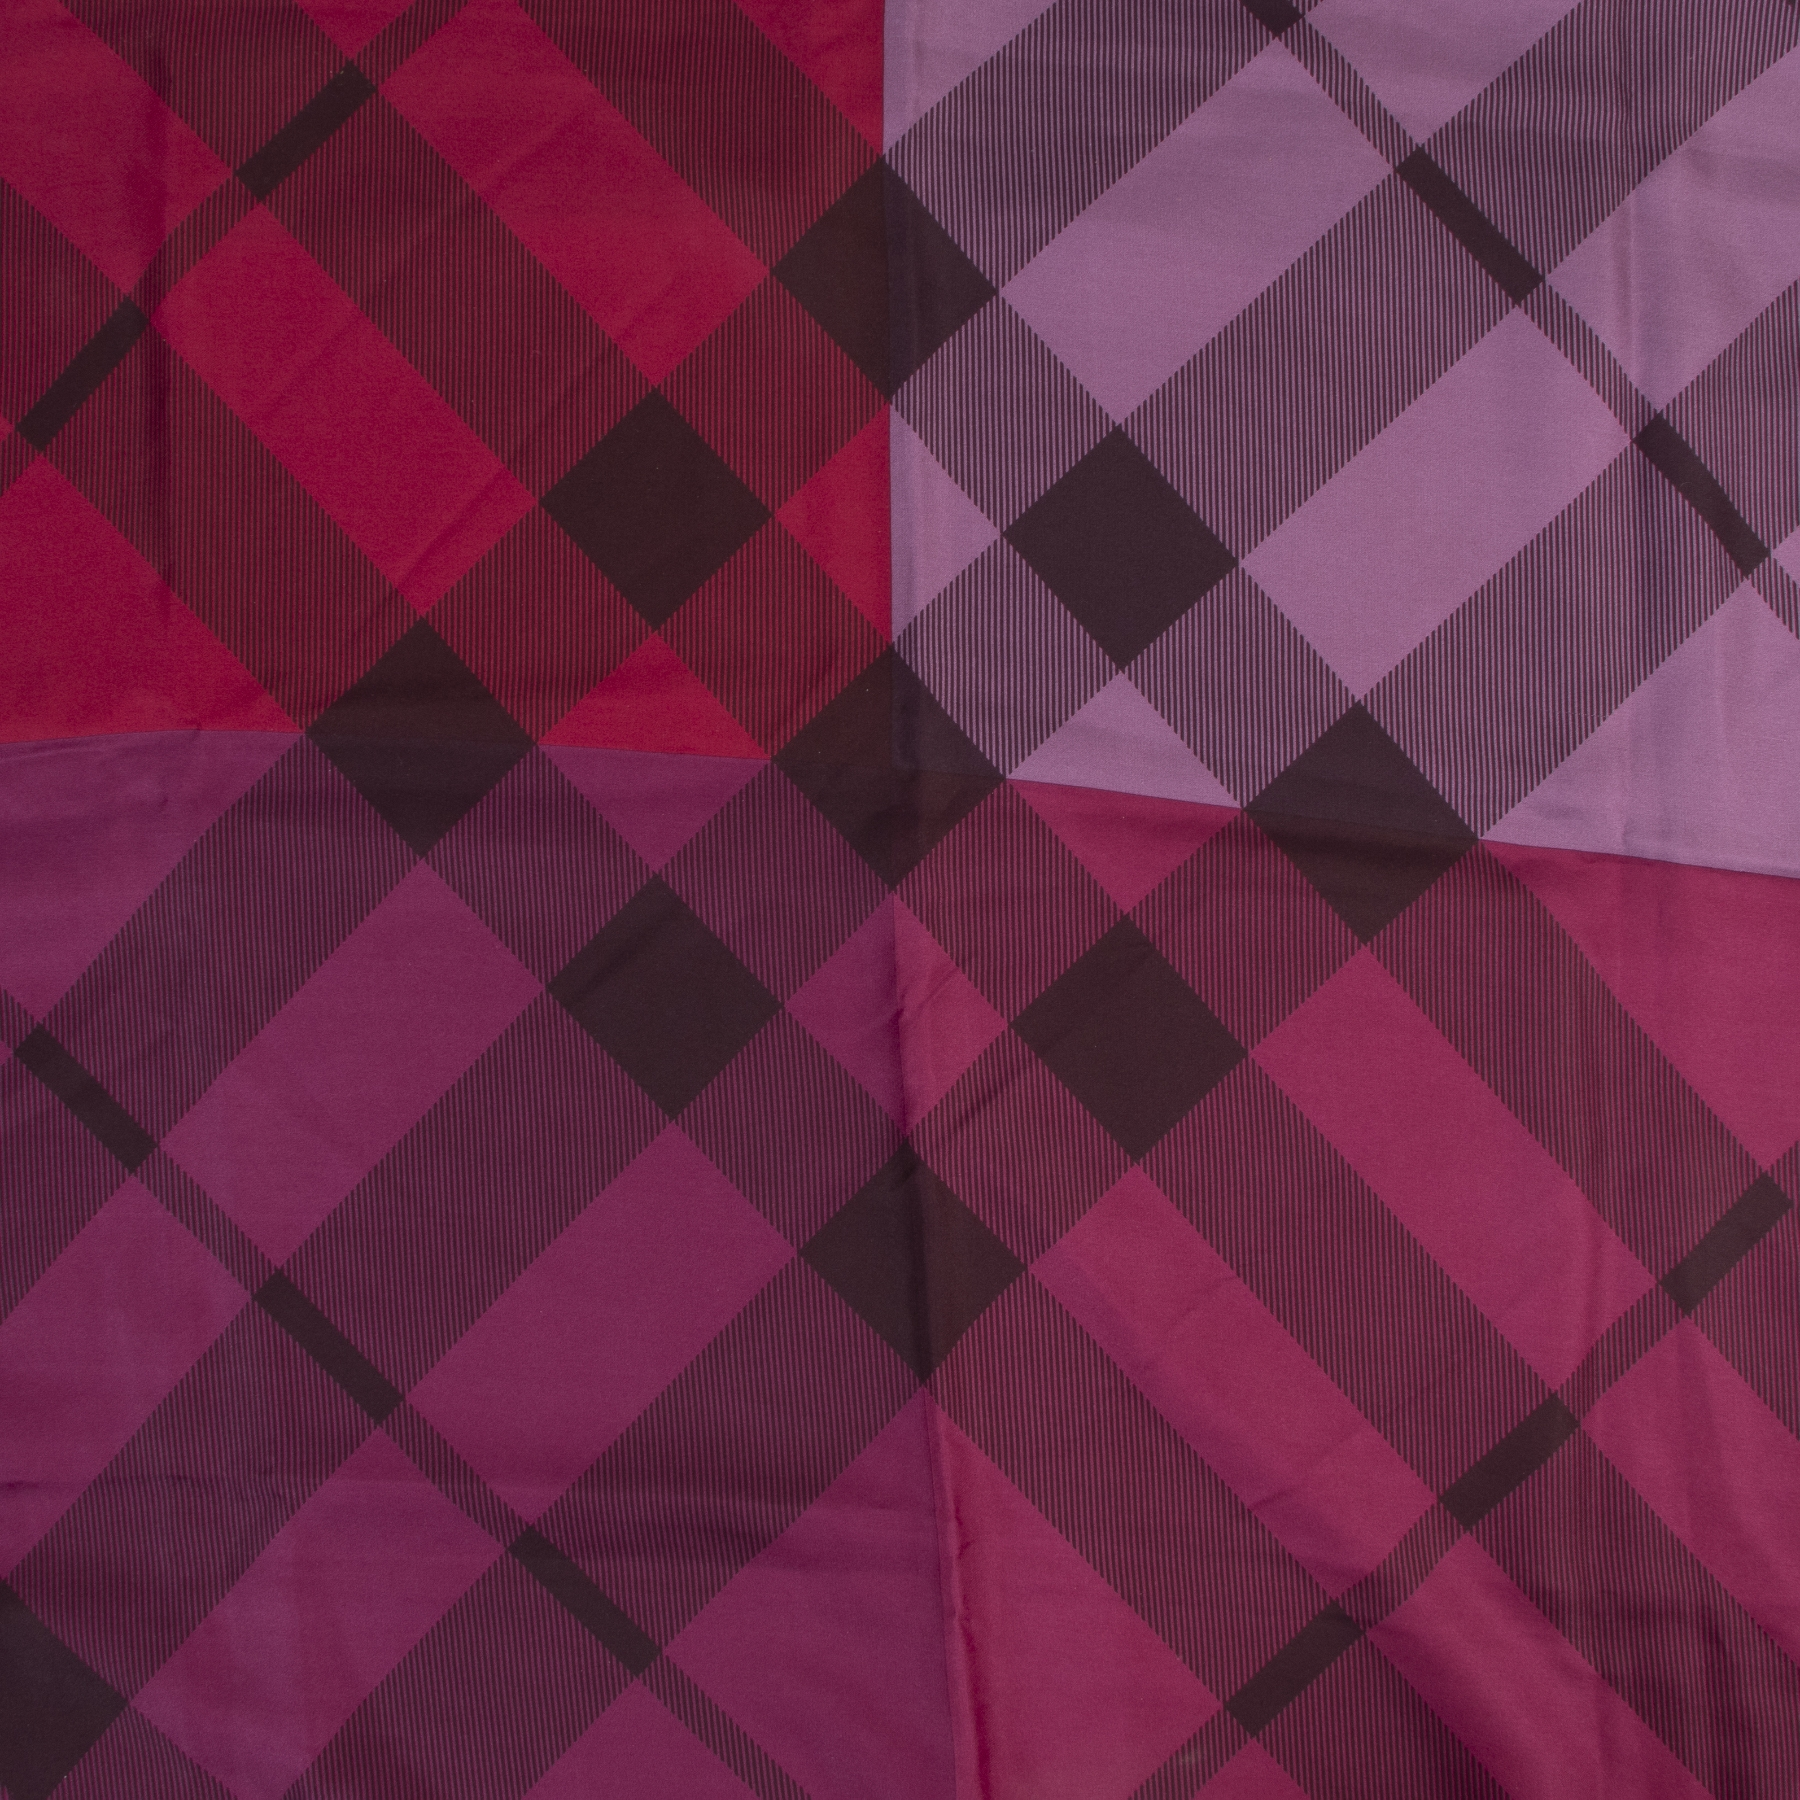 Online tweedehands sjaals van Burberry designer vintage purple check pattern. Betaal veilig en online bij LabelLOV Antwerpen.